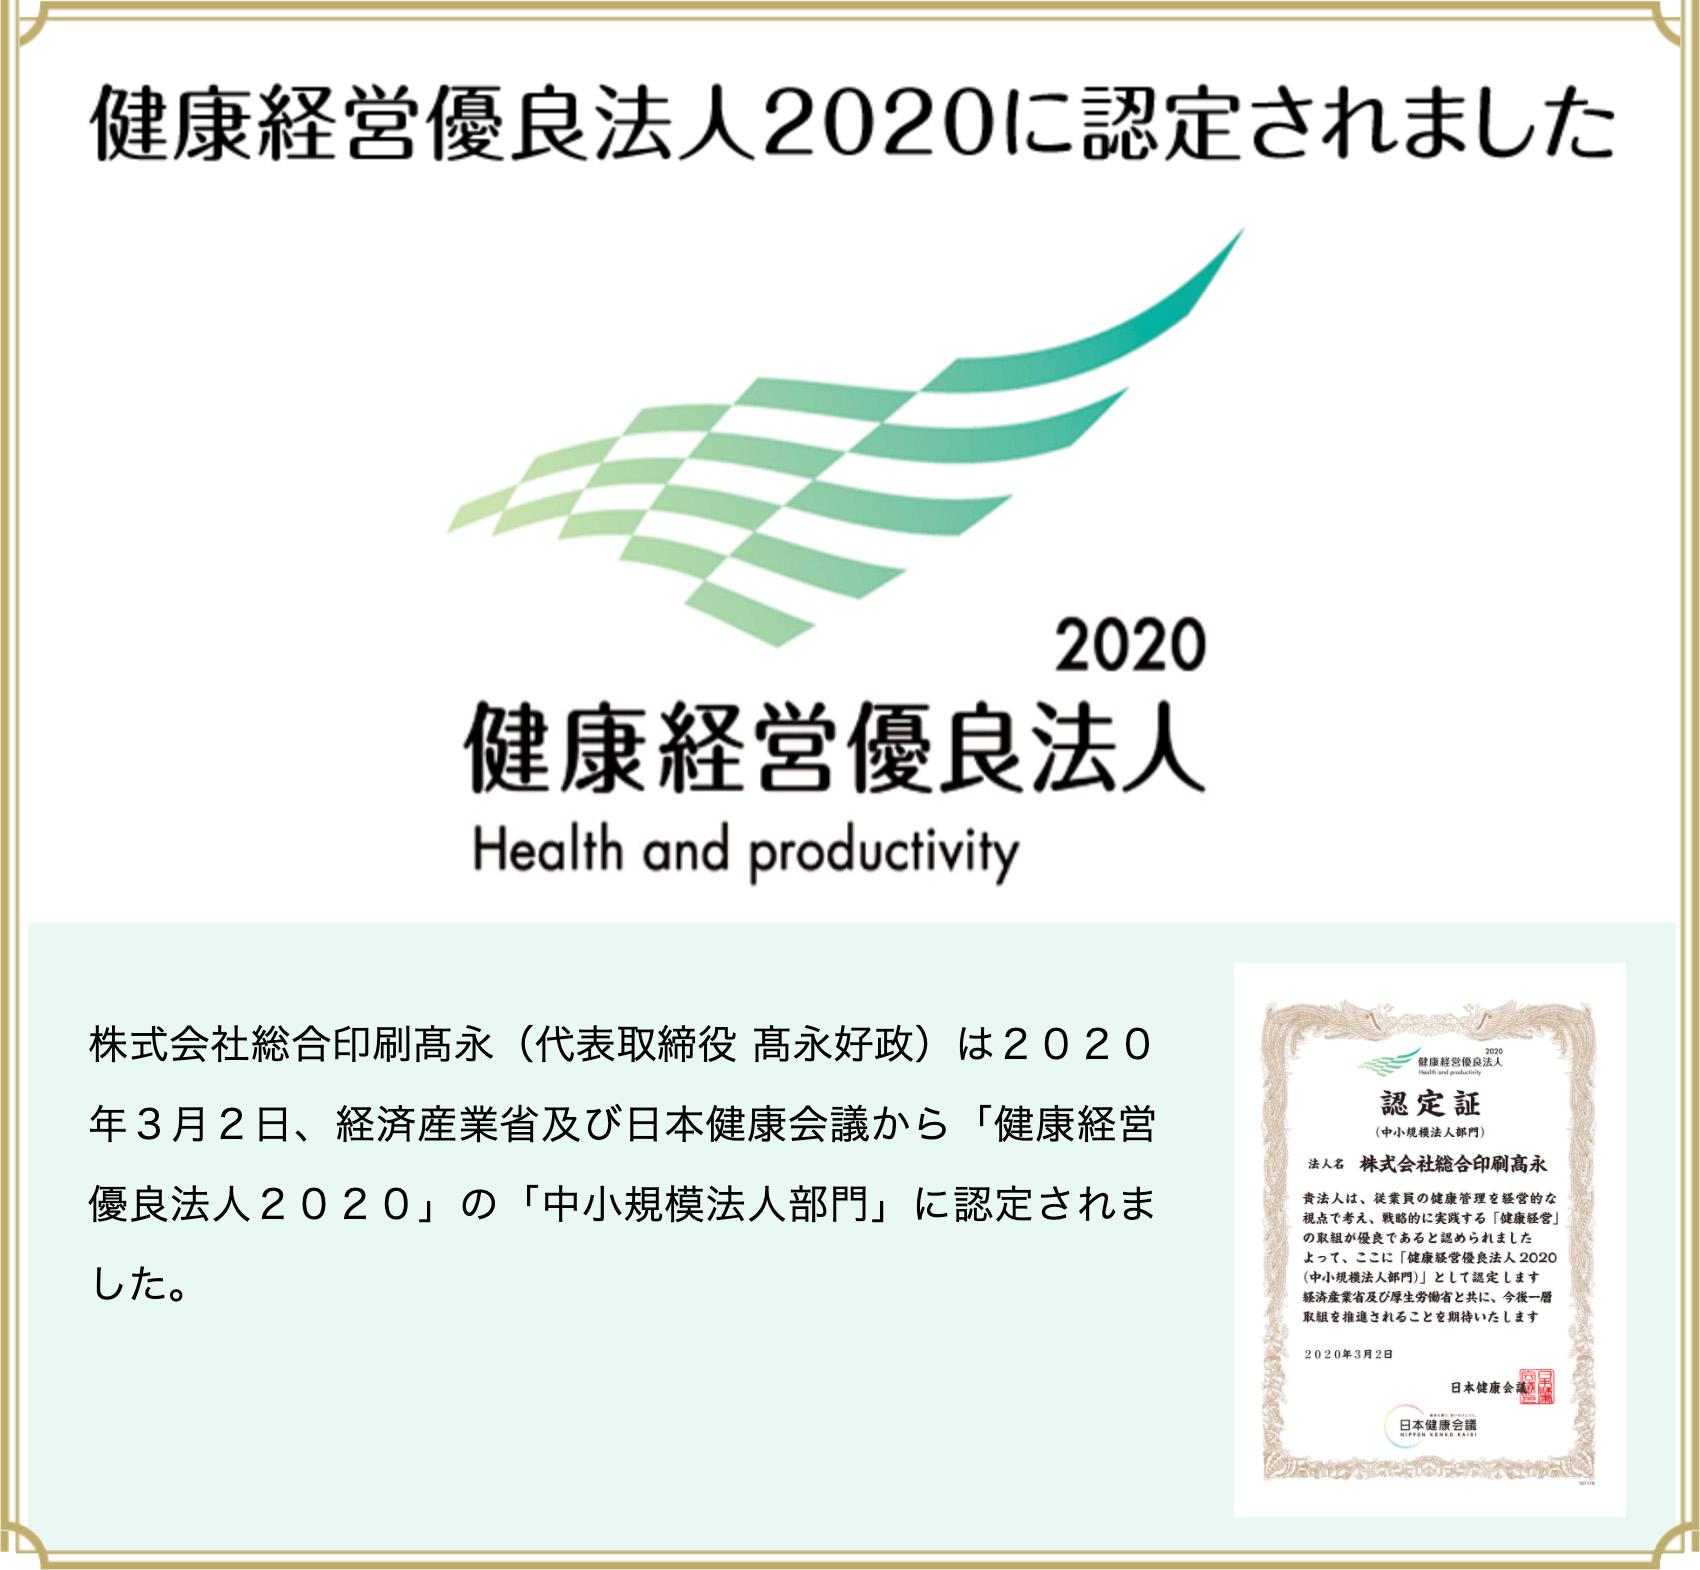 健康経営優良法人2020に認定されました